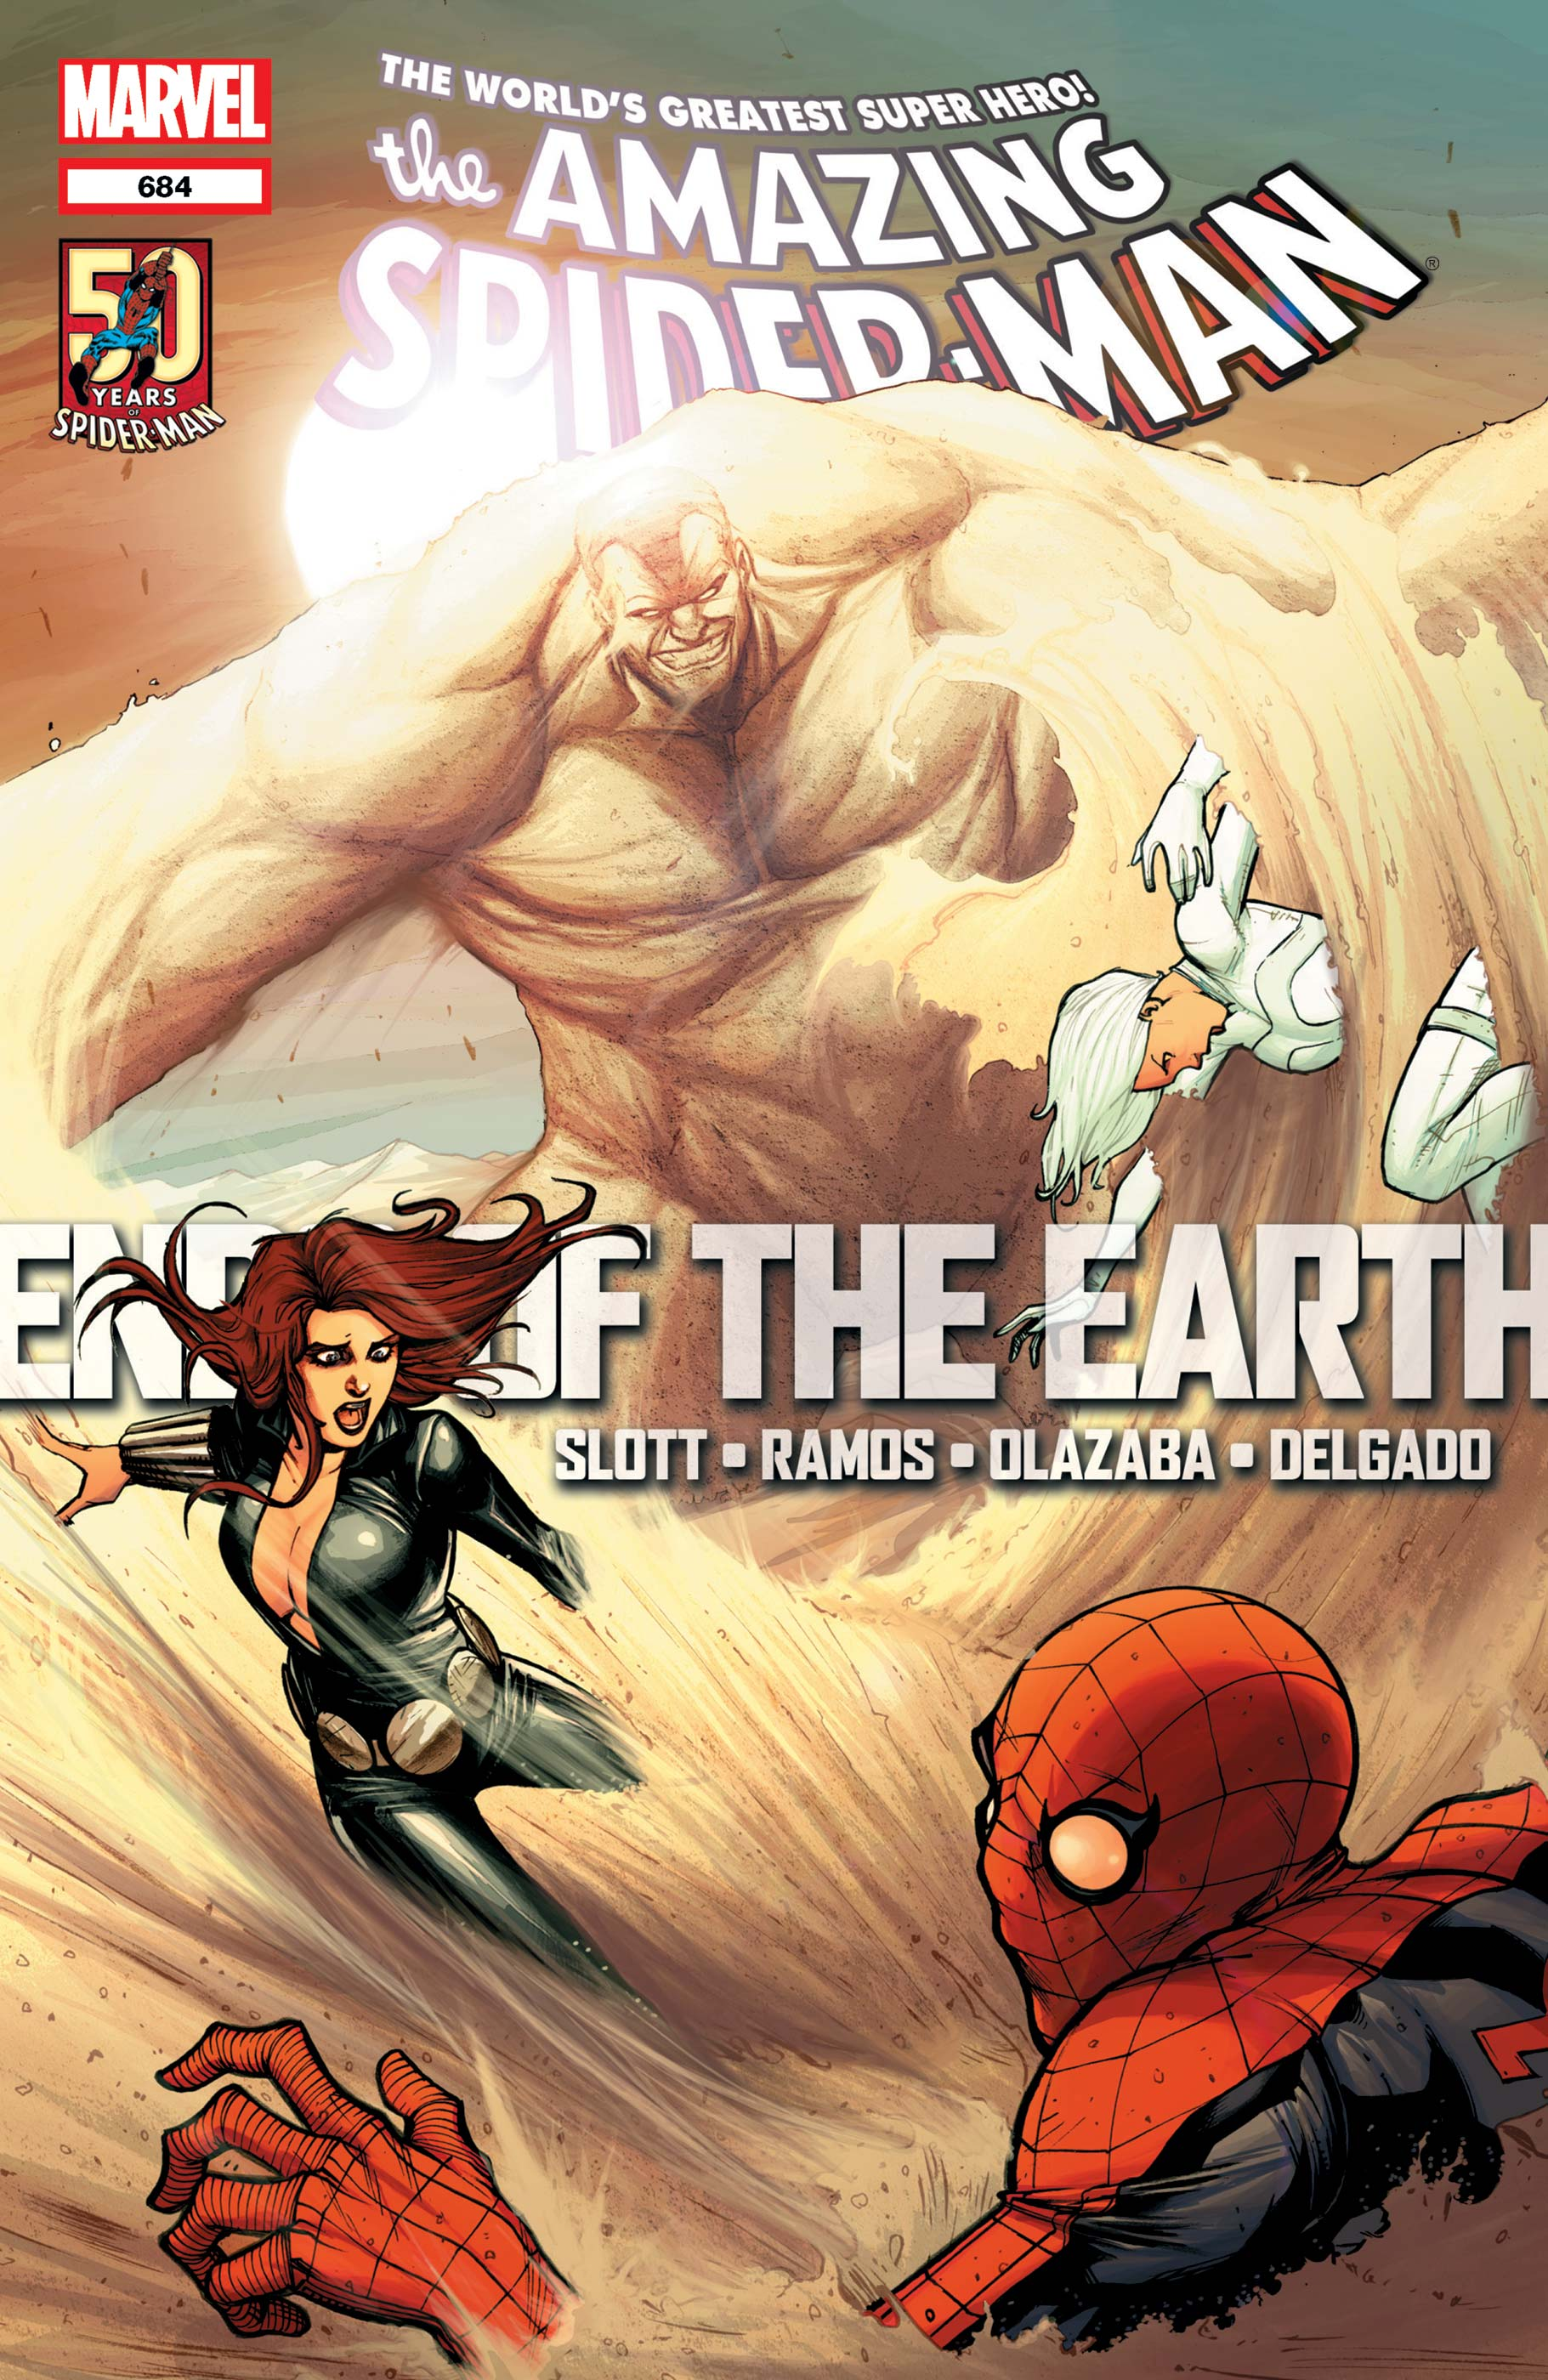 Amazing Spider-Man (1999) #684